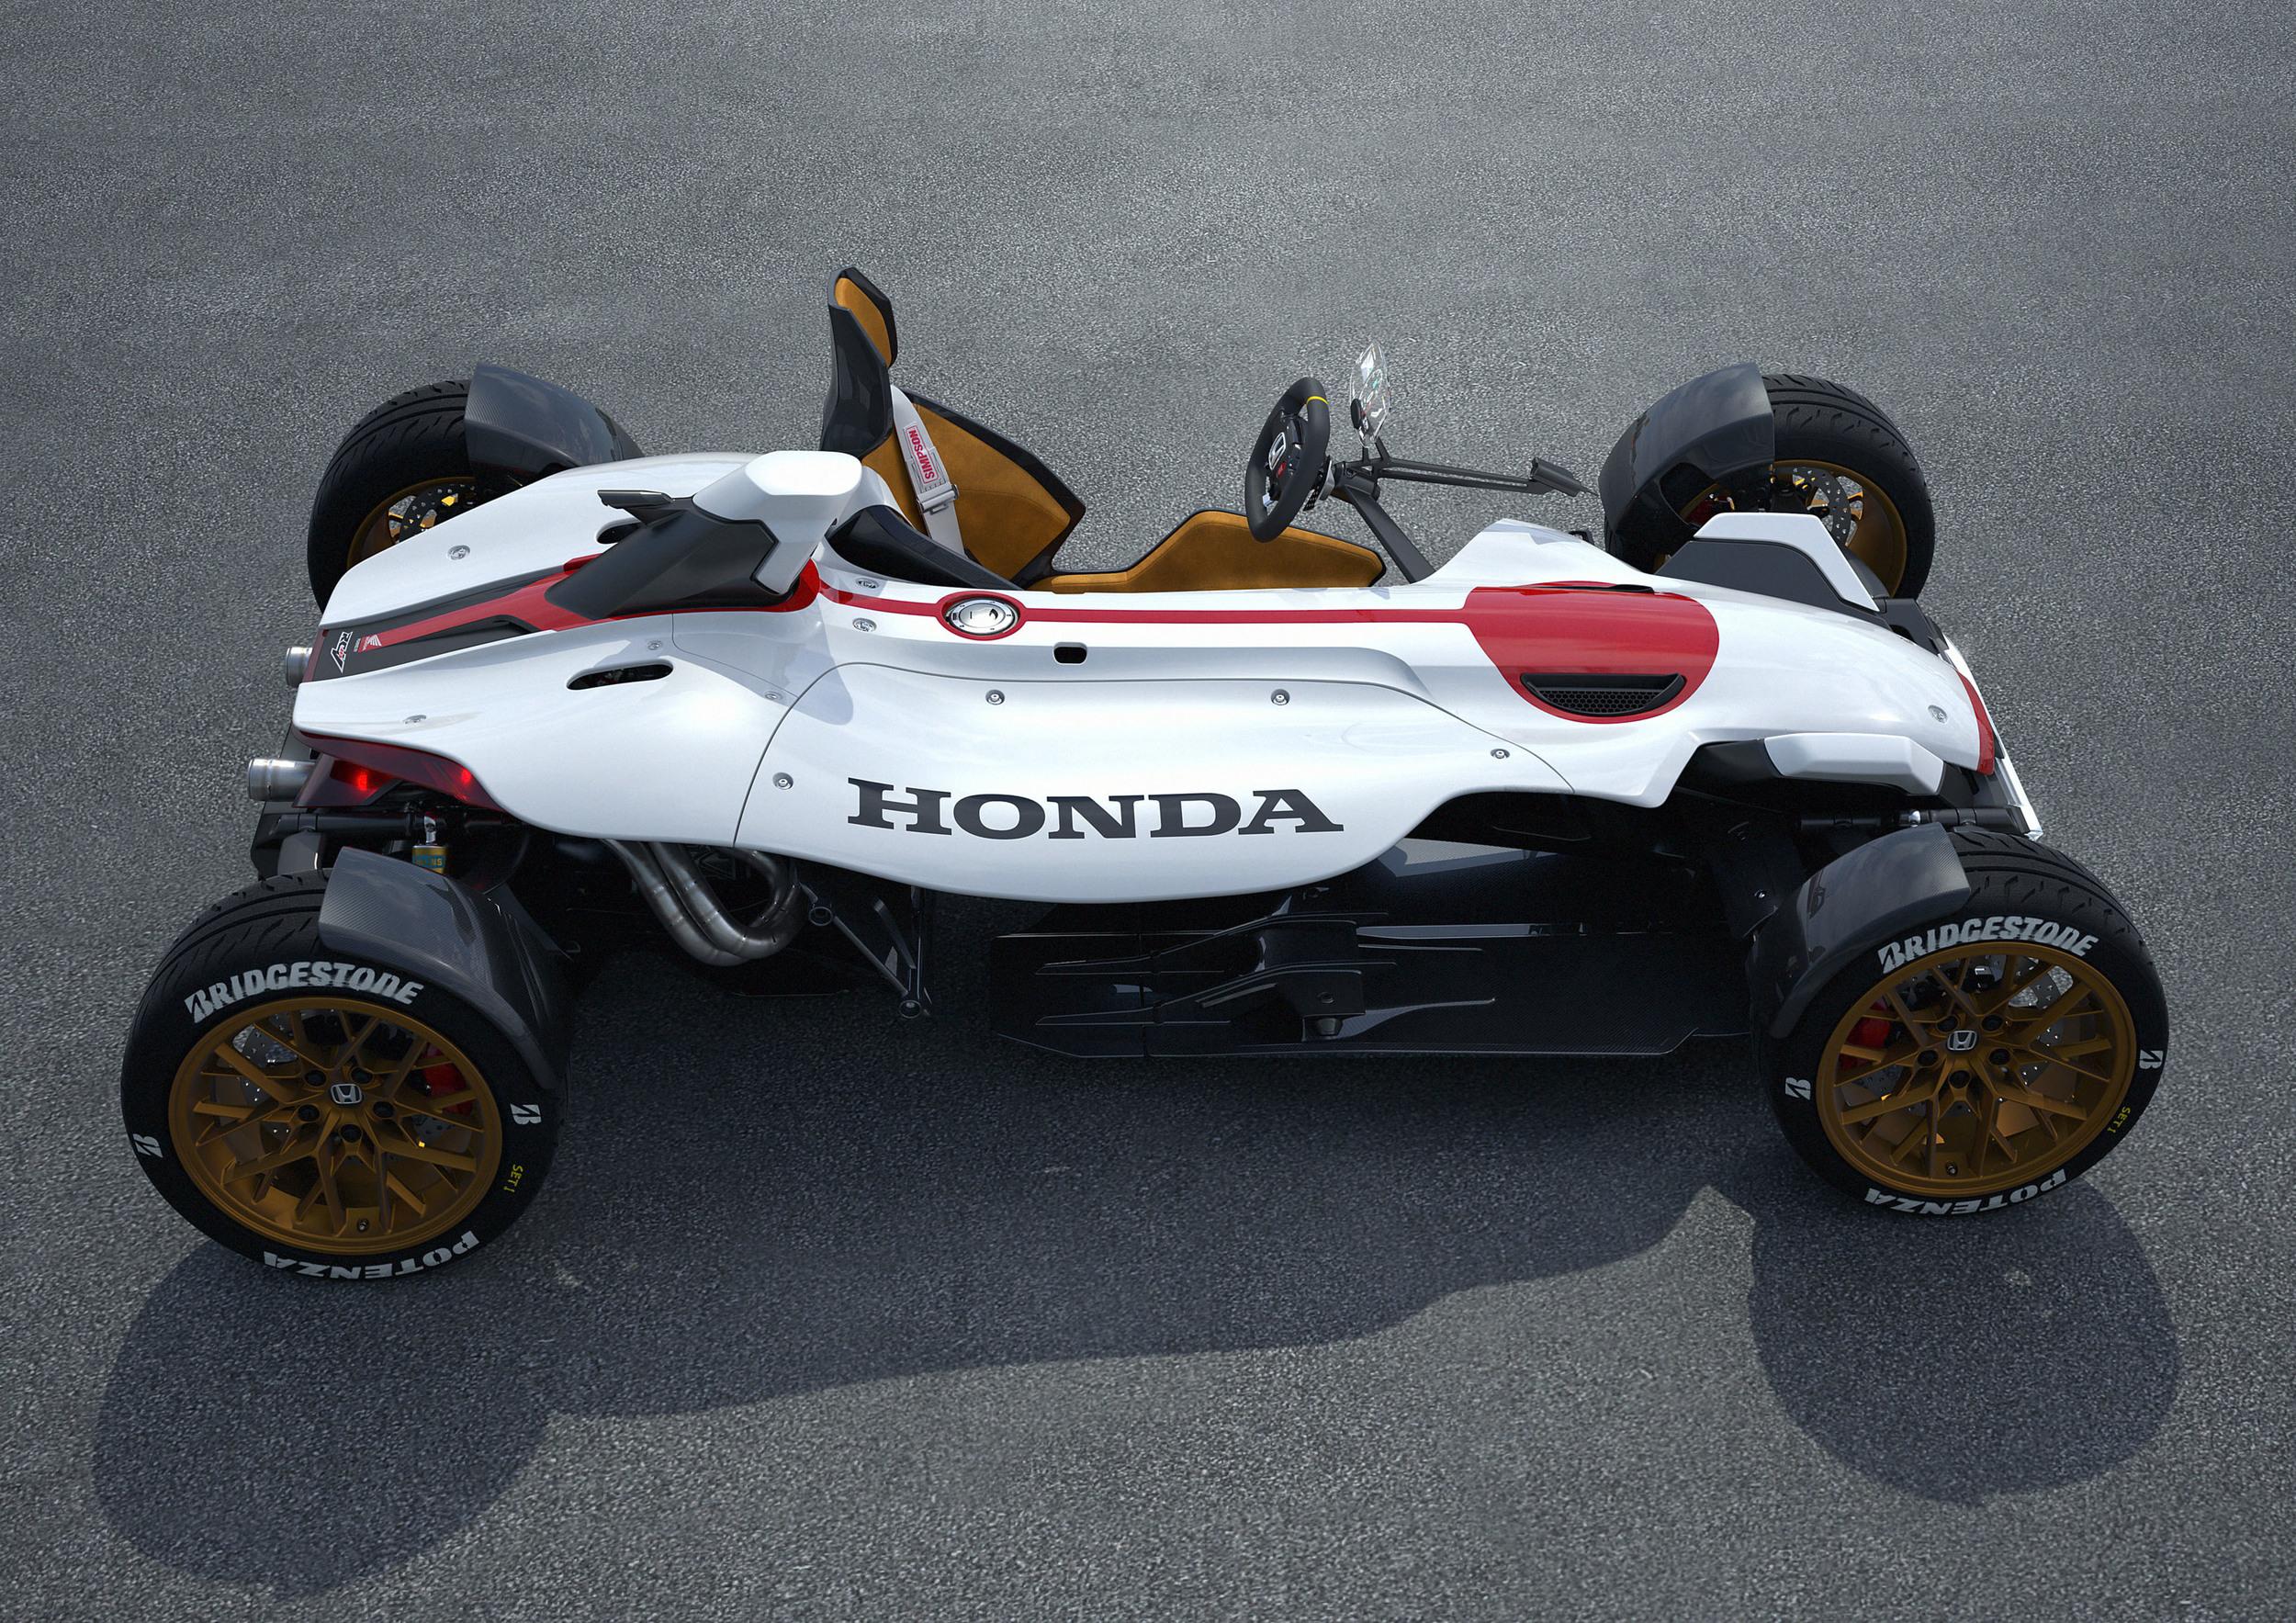 honda-project-24-concept-002-1